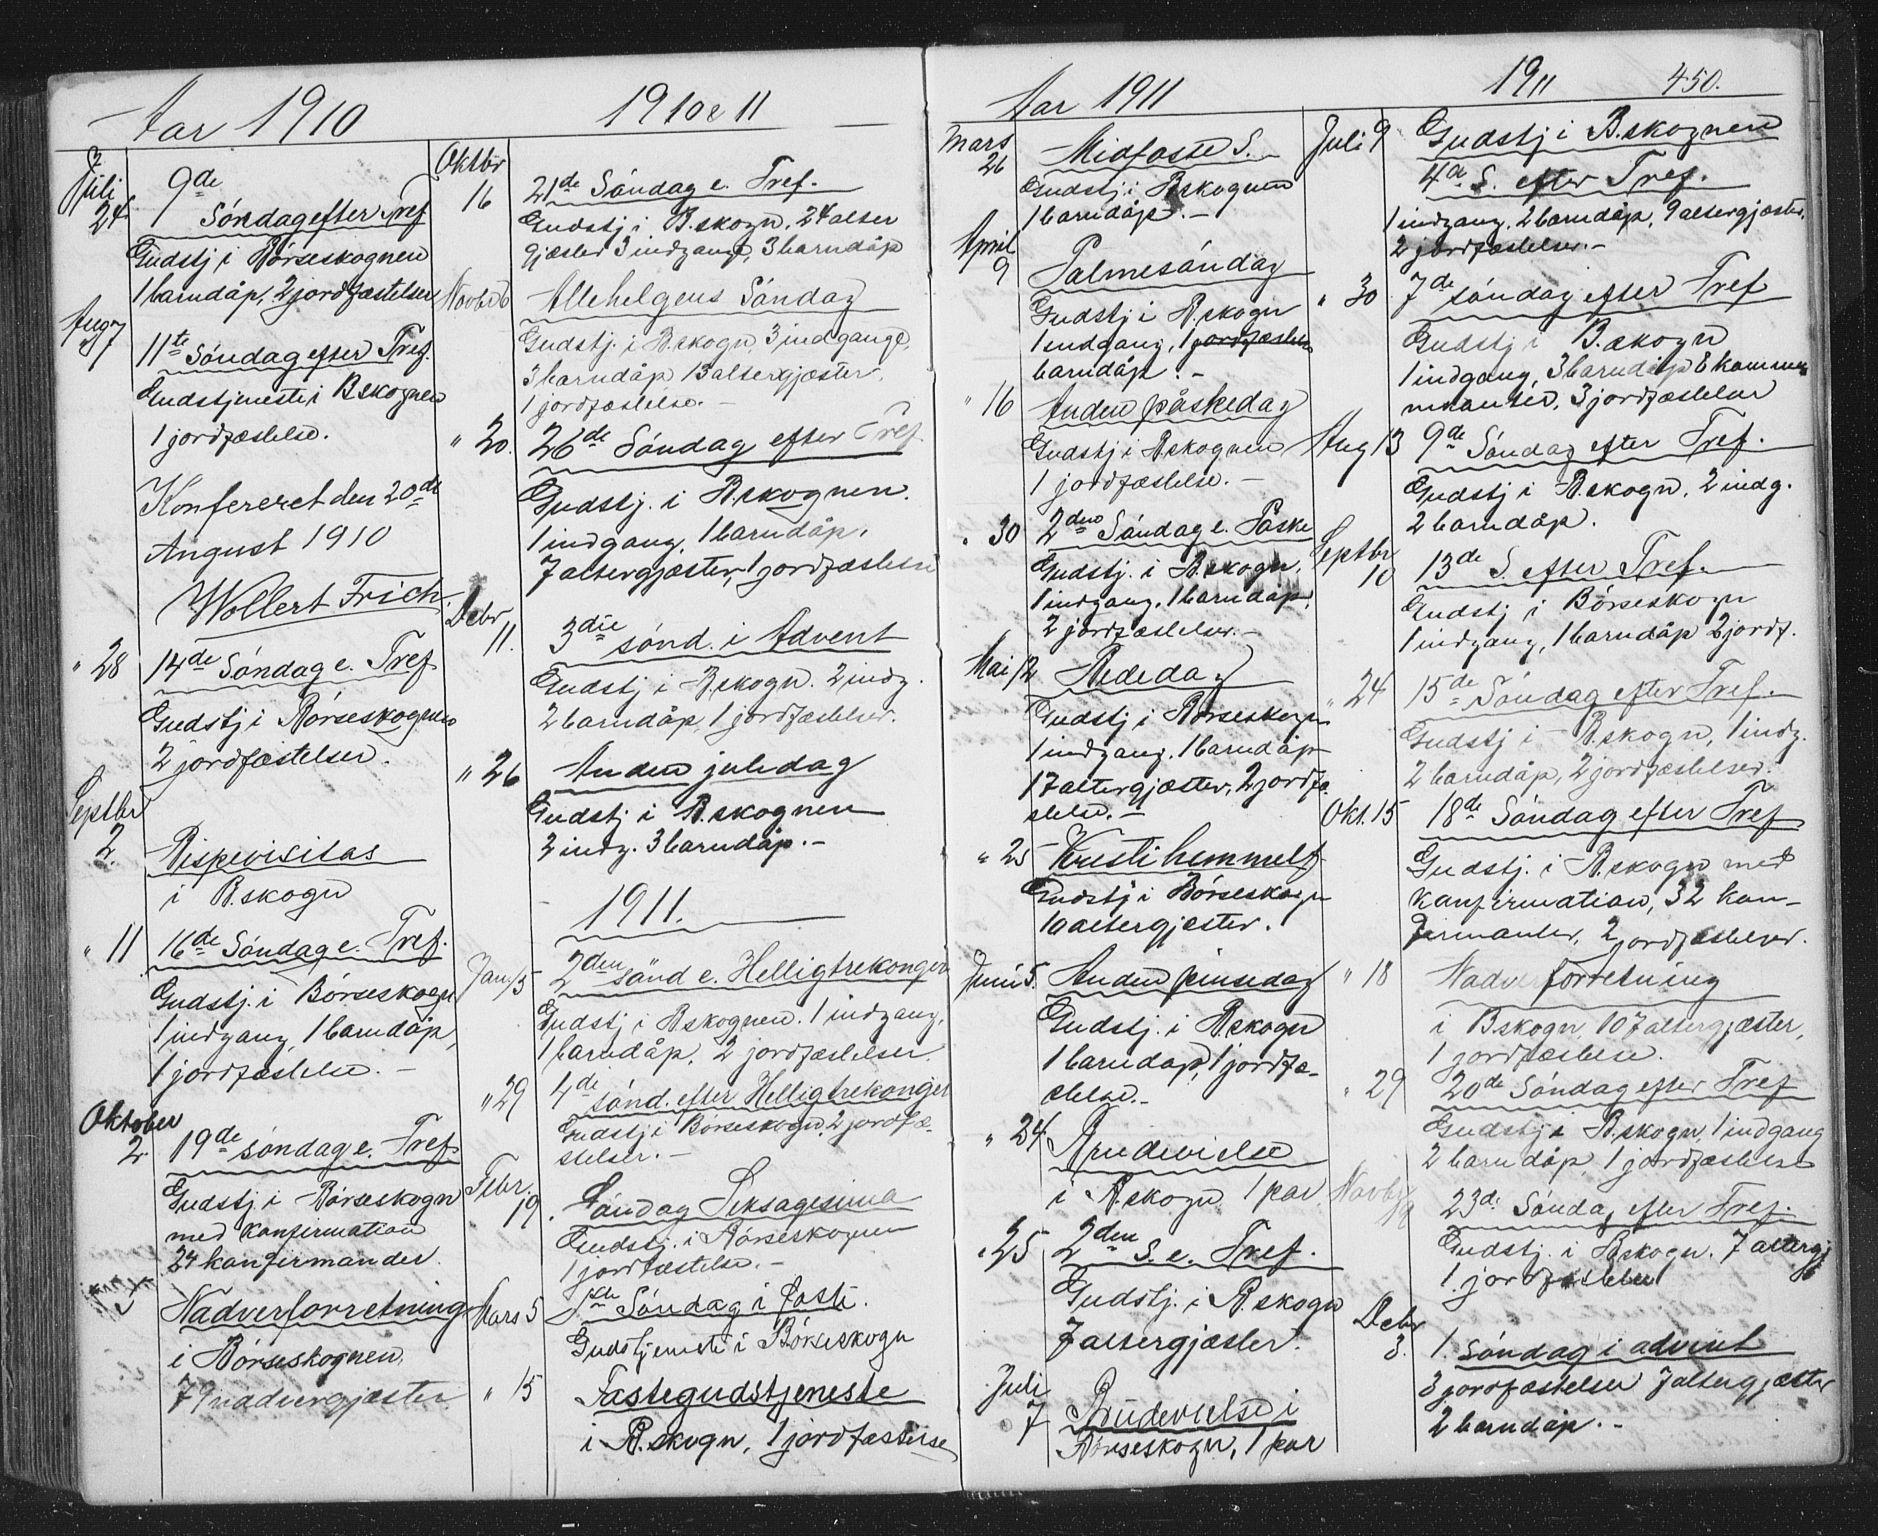 SAT, Ministerialprotokoller, klokkerbøker og fødselsregistre - Sør-Trøndelag, 667/L0798: Klokkerbok nr. 667C03, 1867-1929, s. 450